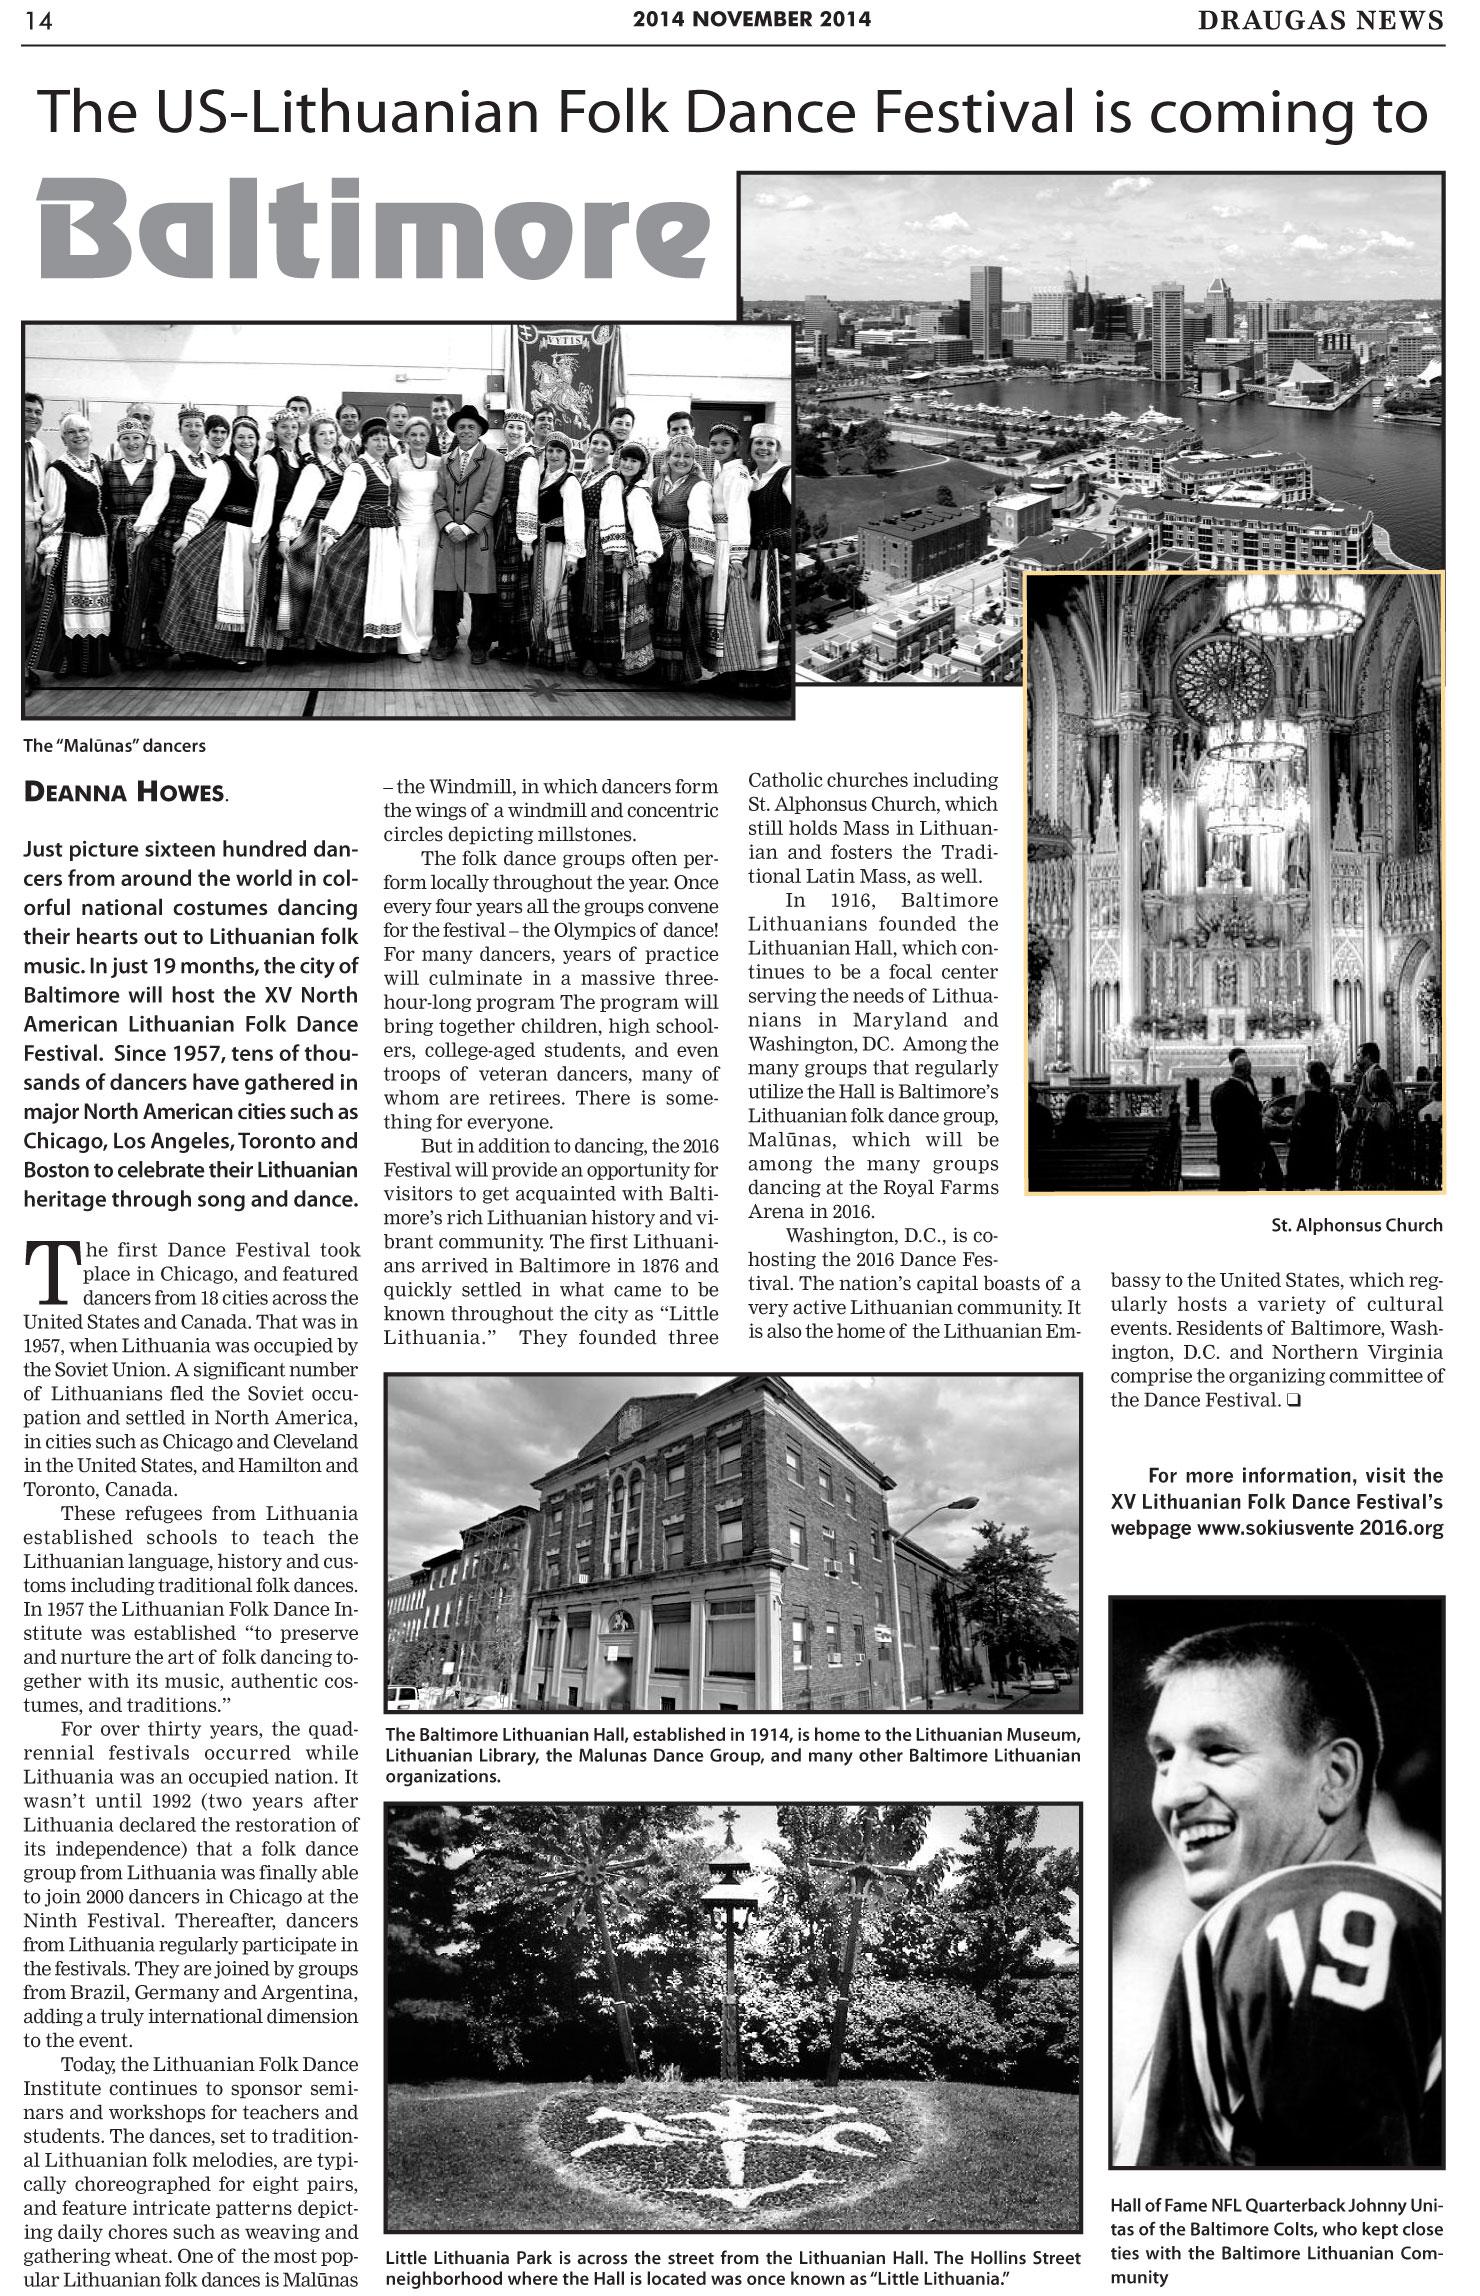 DRAUGASNewsNOV2014SokiuSvente-L